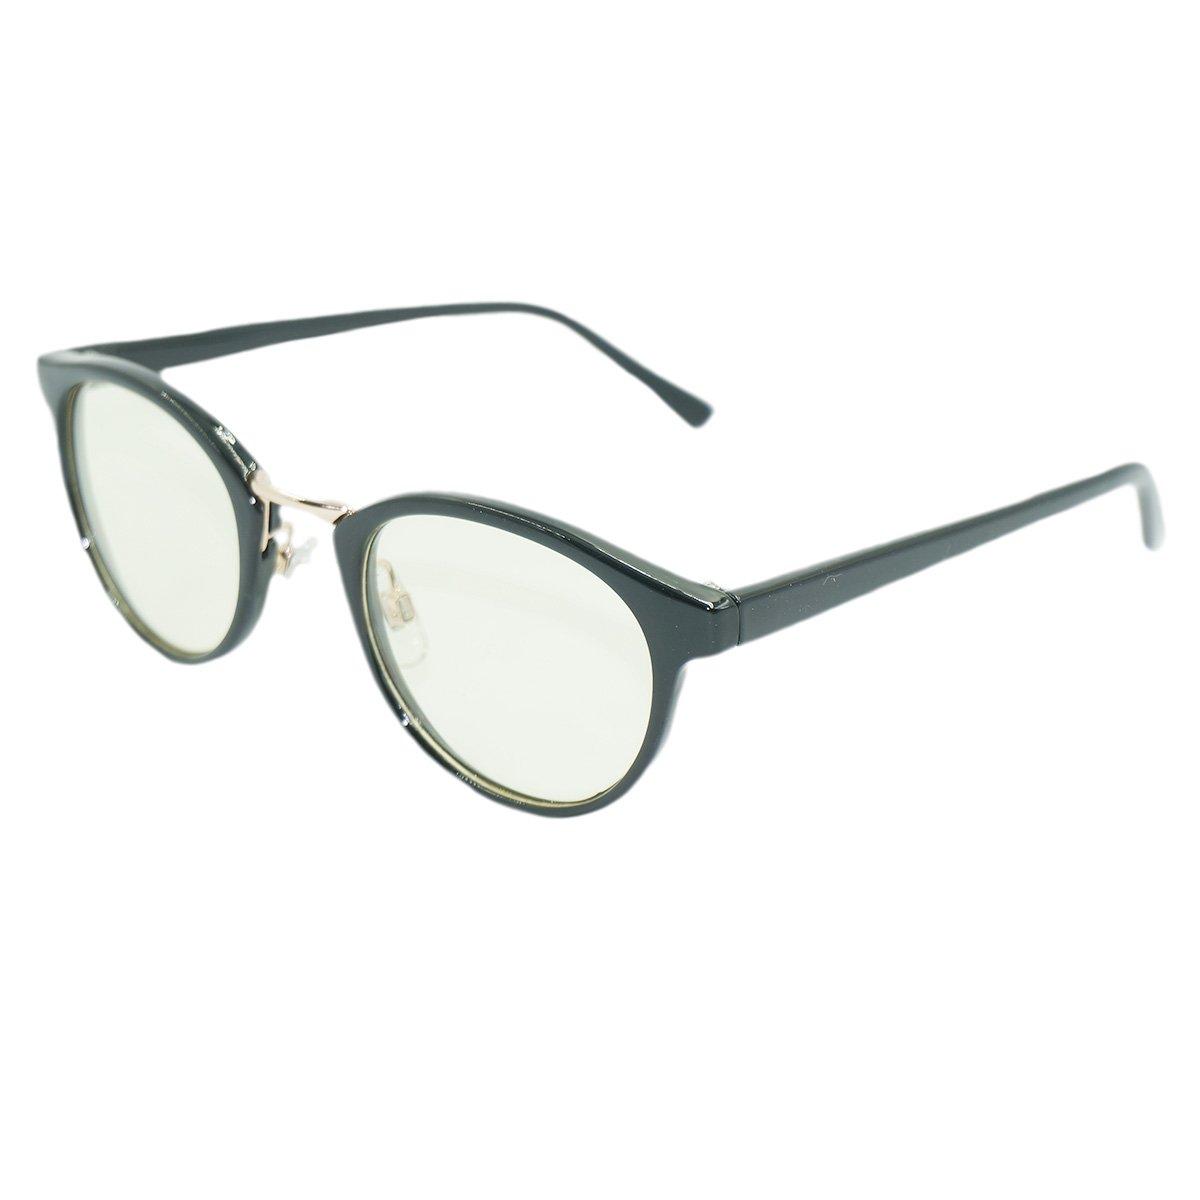 Vhccirt Occhiali luce blu bloccanti per il blocco della cefalea FDA UV uomini//donne Occhiali retr/ò unisex Anti Eyestrain